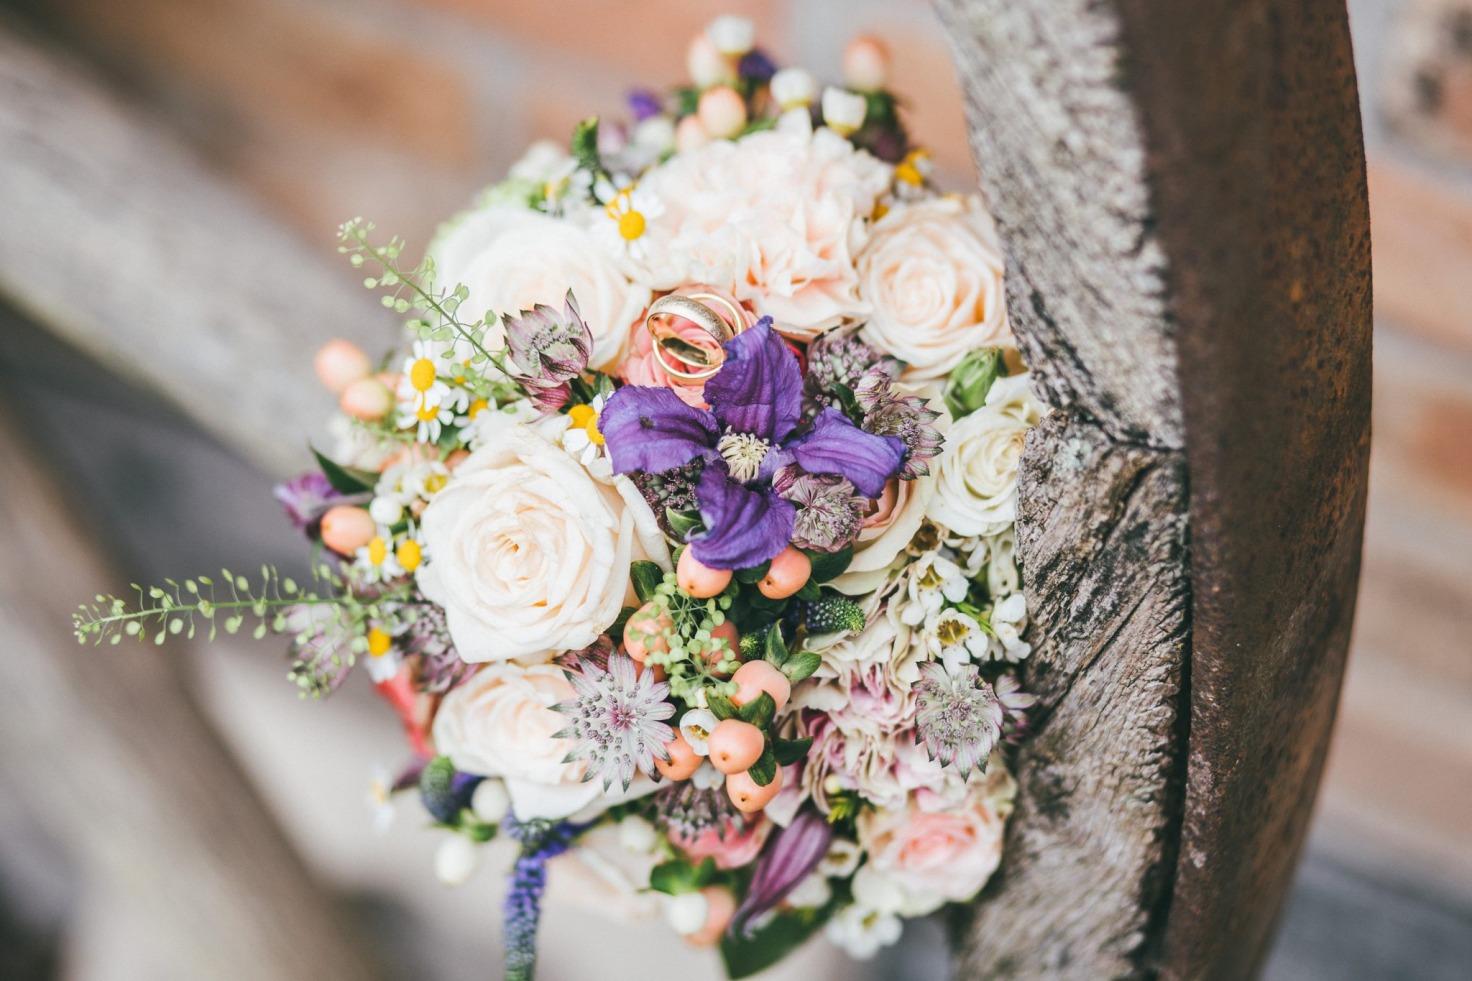 Hochzeit von Bea und Matt in Münster: Brautstrauß liegt auf dem Holzrad